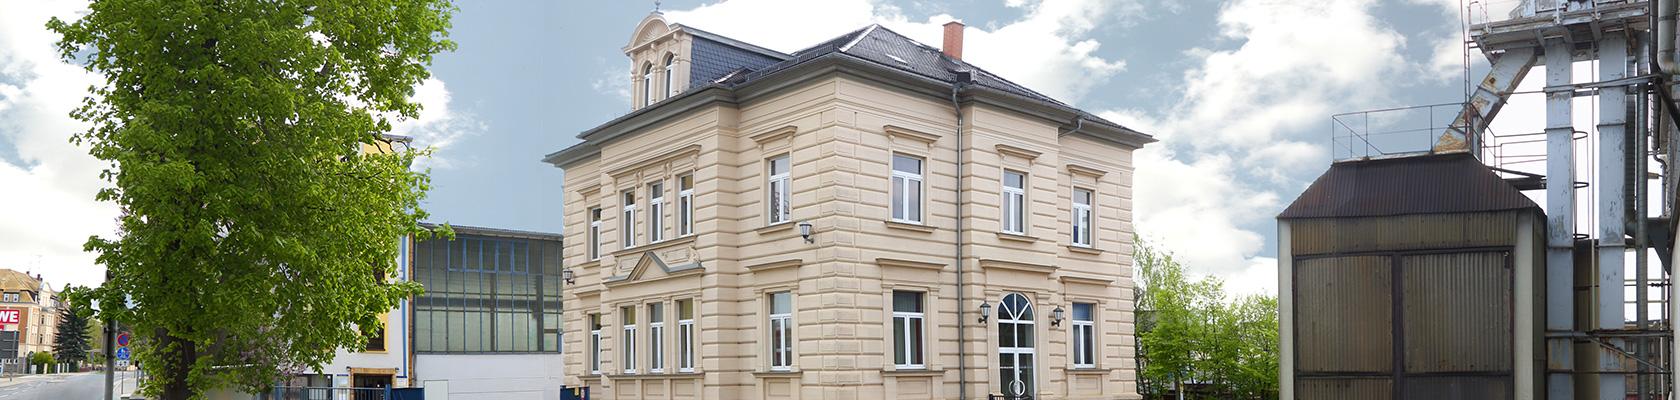 Esterer Gießerei Wurzen Verwaltungsgebäude